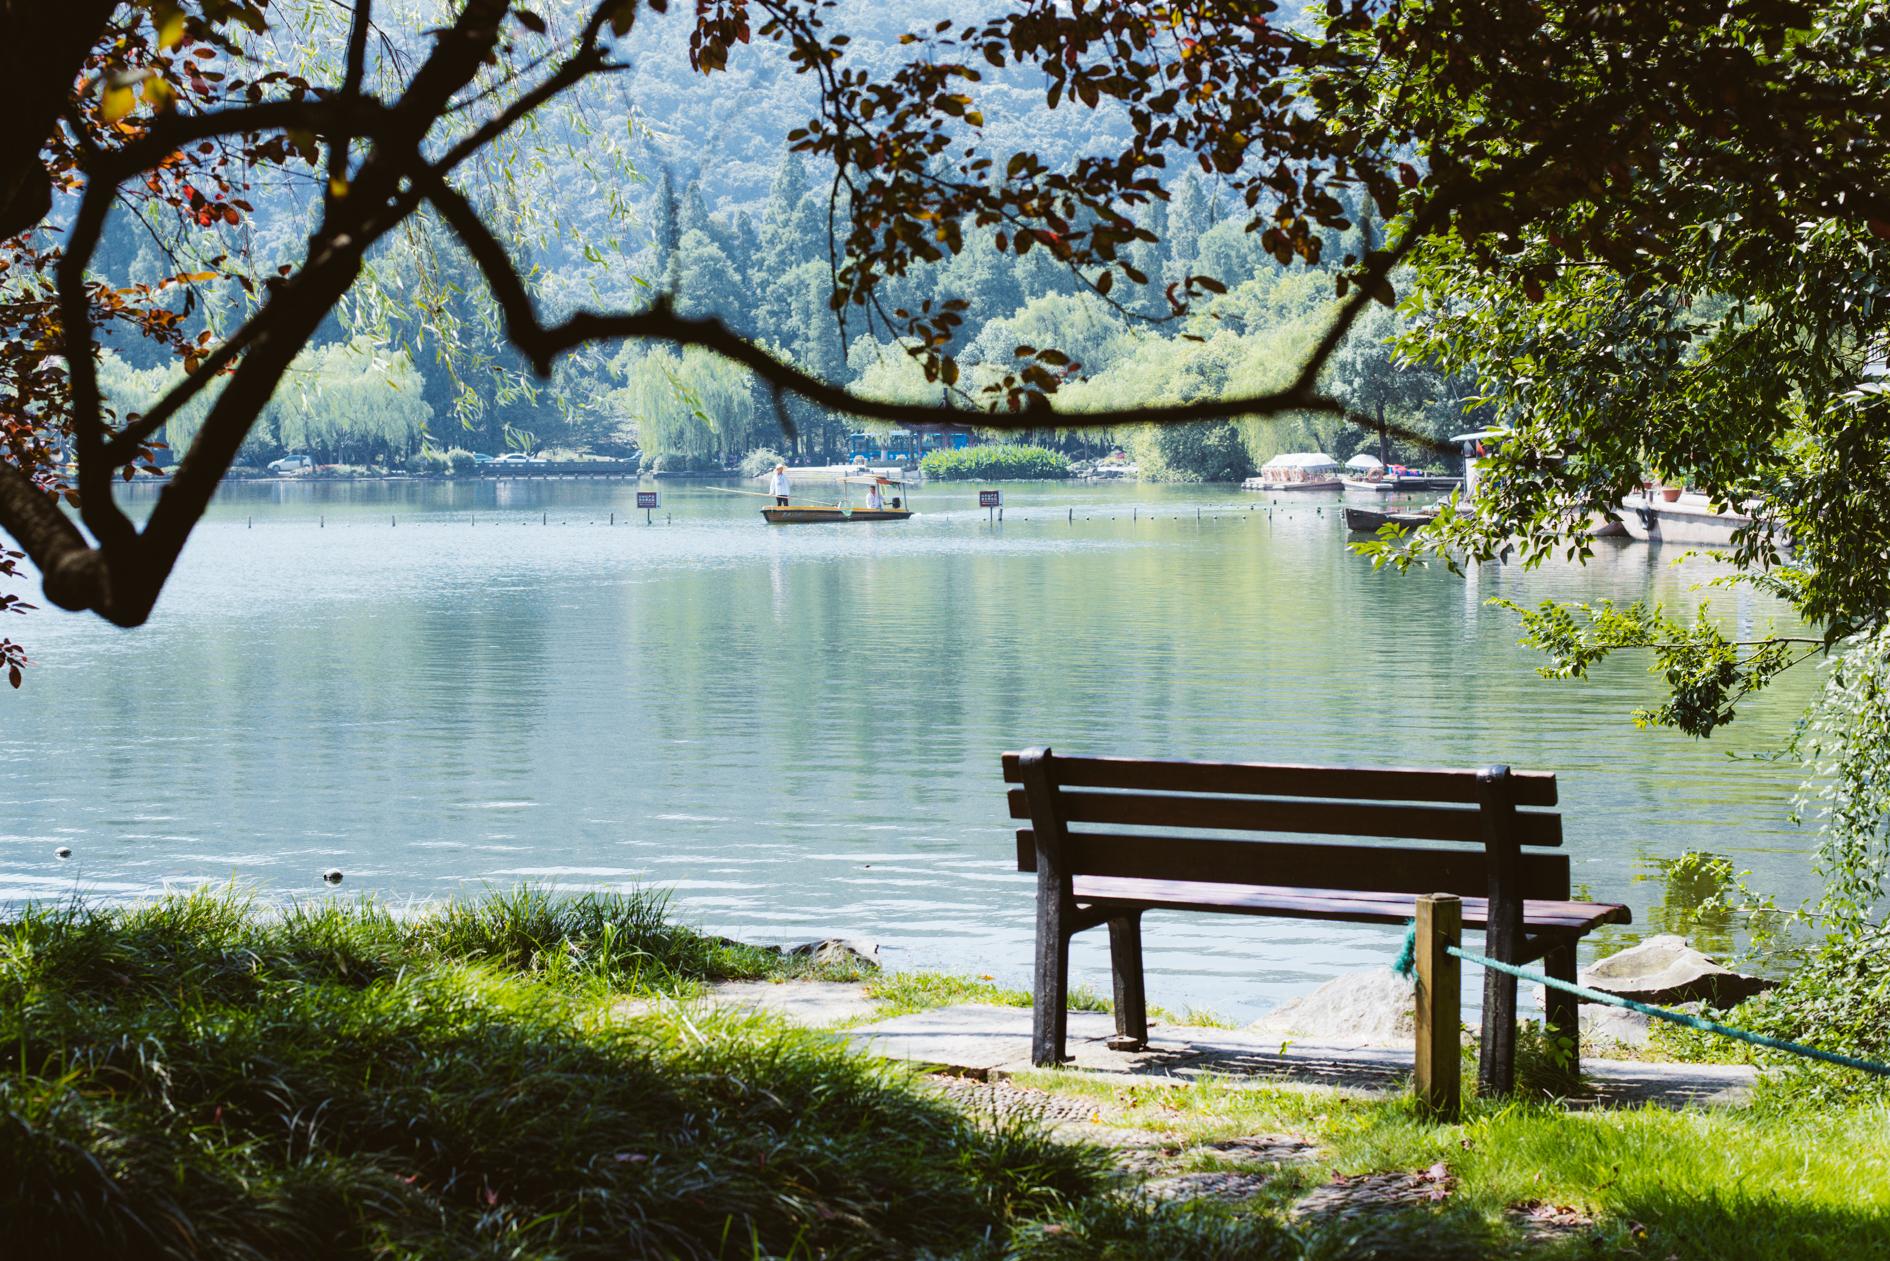 杭州景点排行榜,杭州状元线上娱乐景点大全,杭州景点排名top5